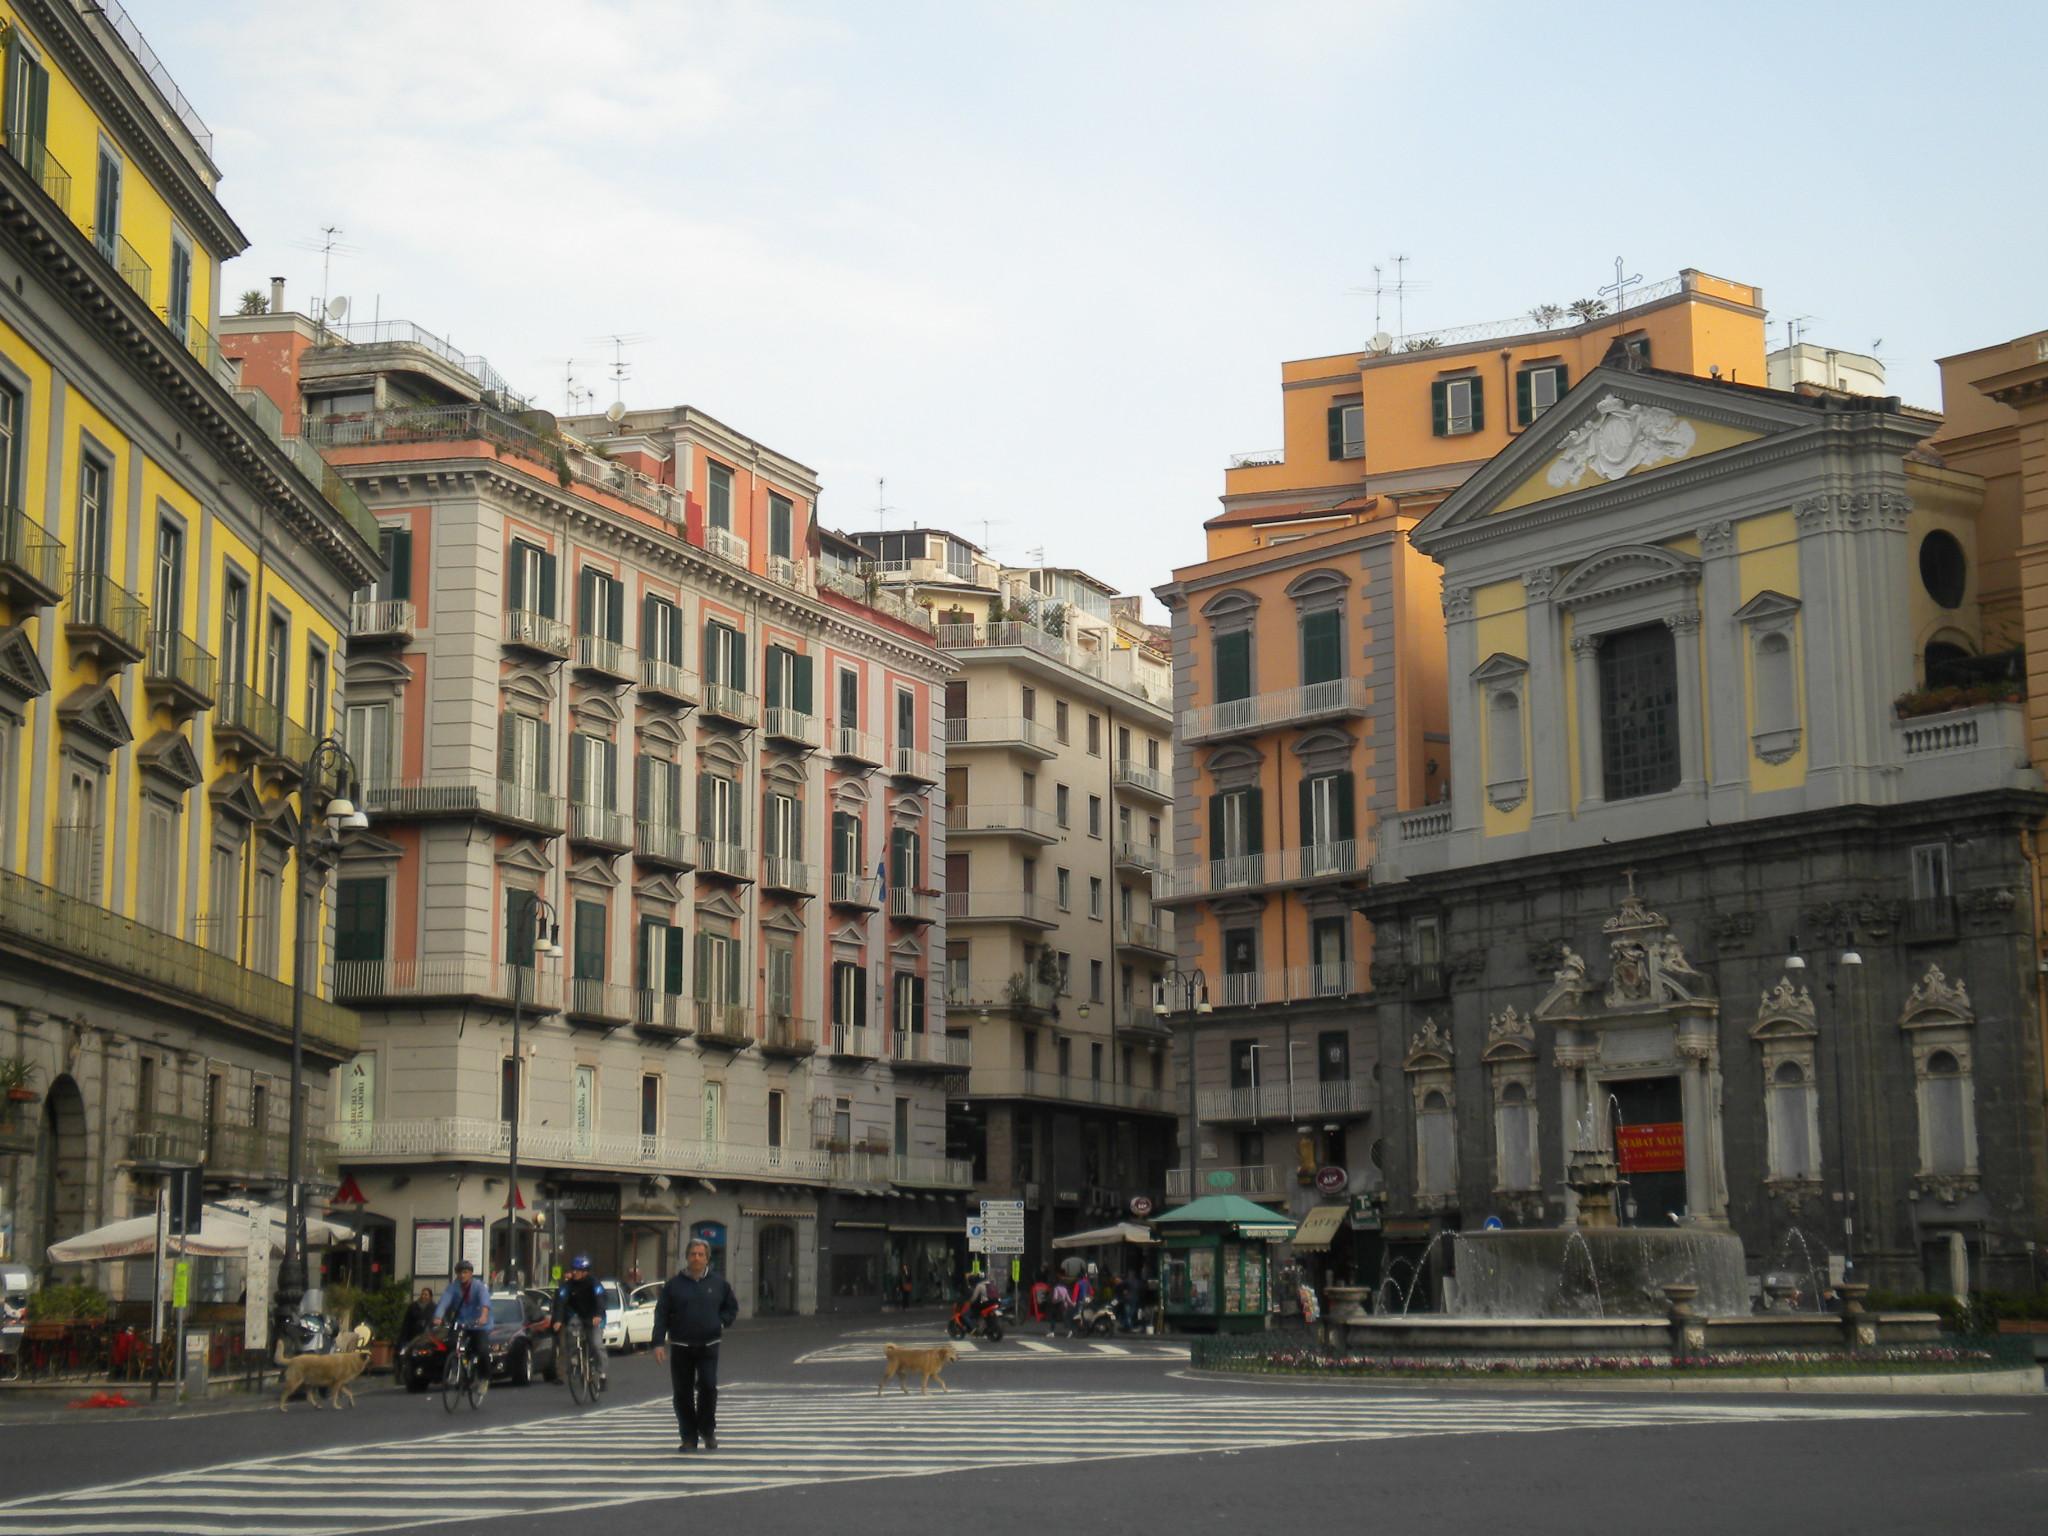 Messa in ricordo di Mussolini, in 100 alla chiesa di piazza Trieste e Trento